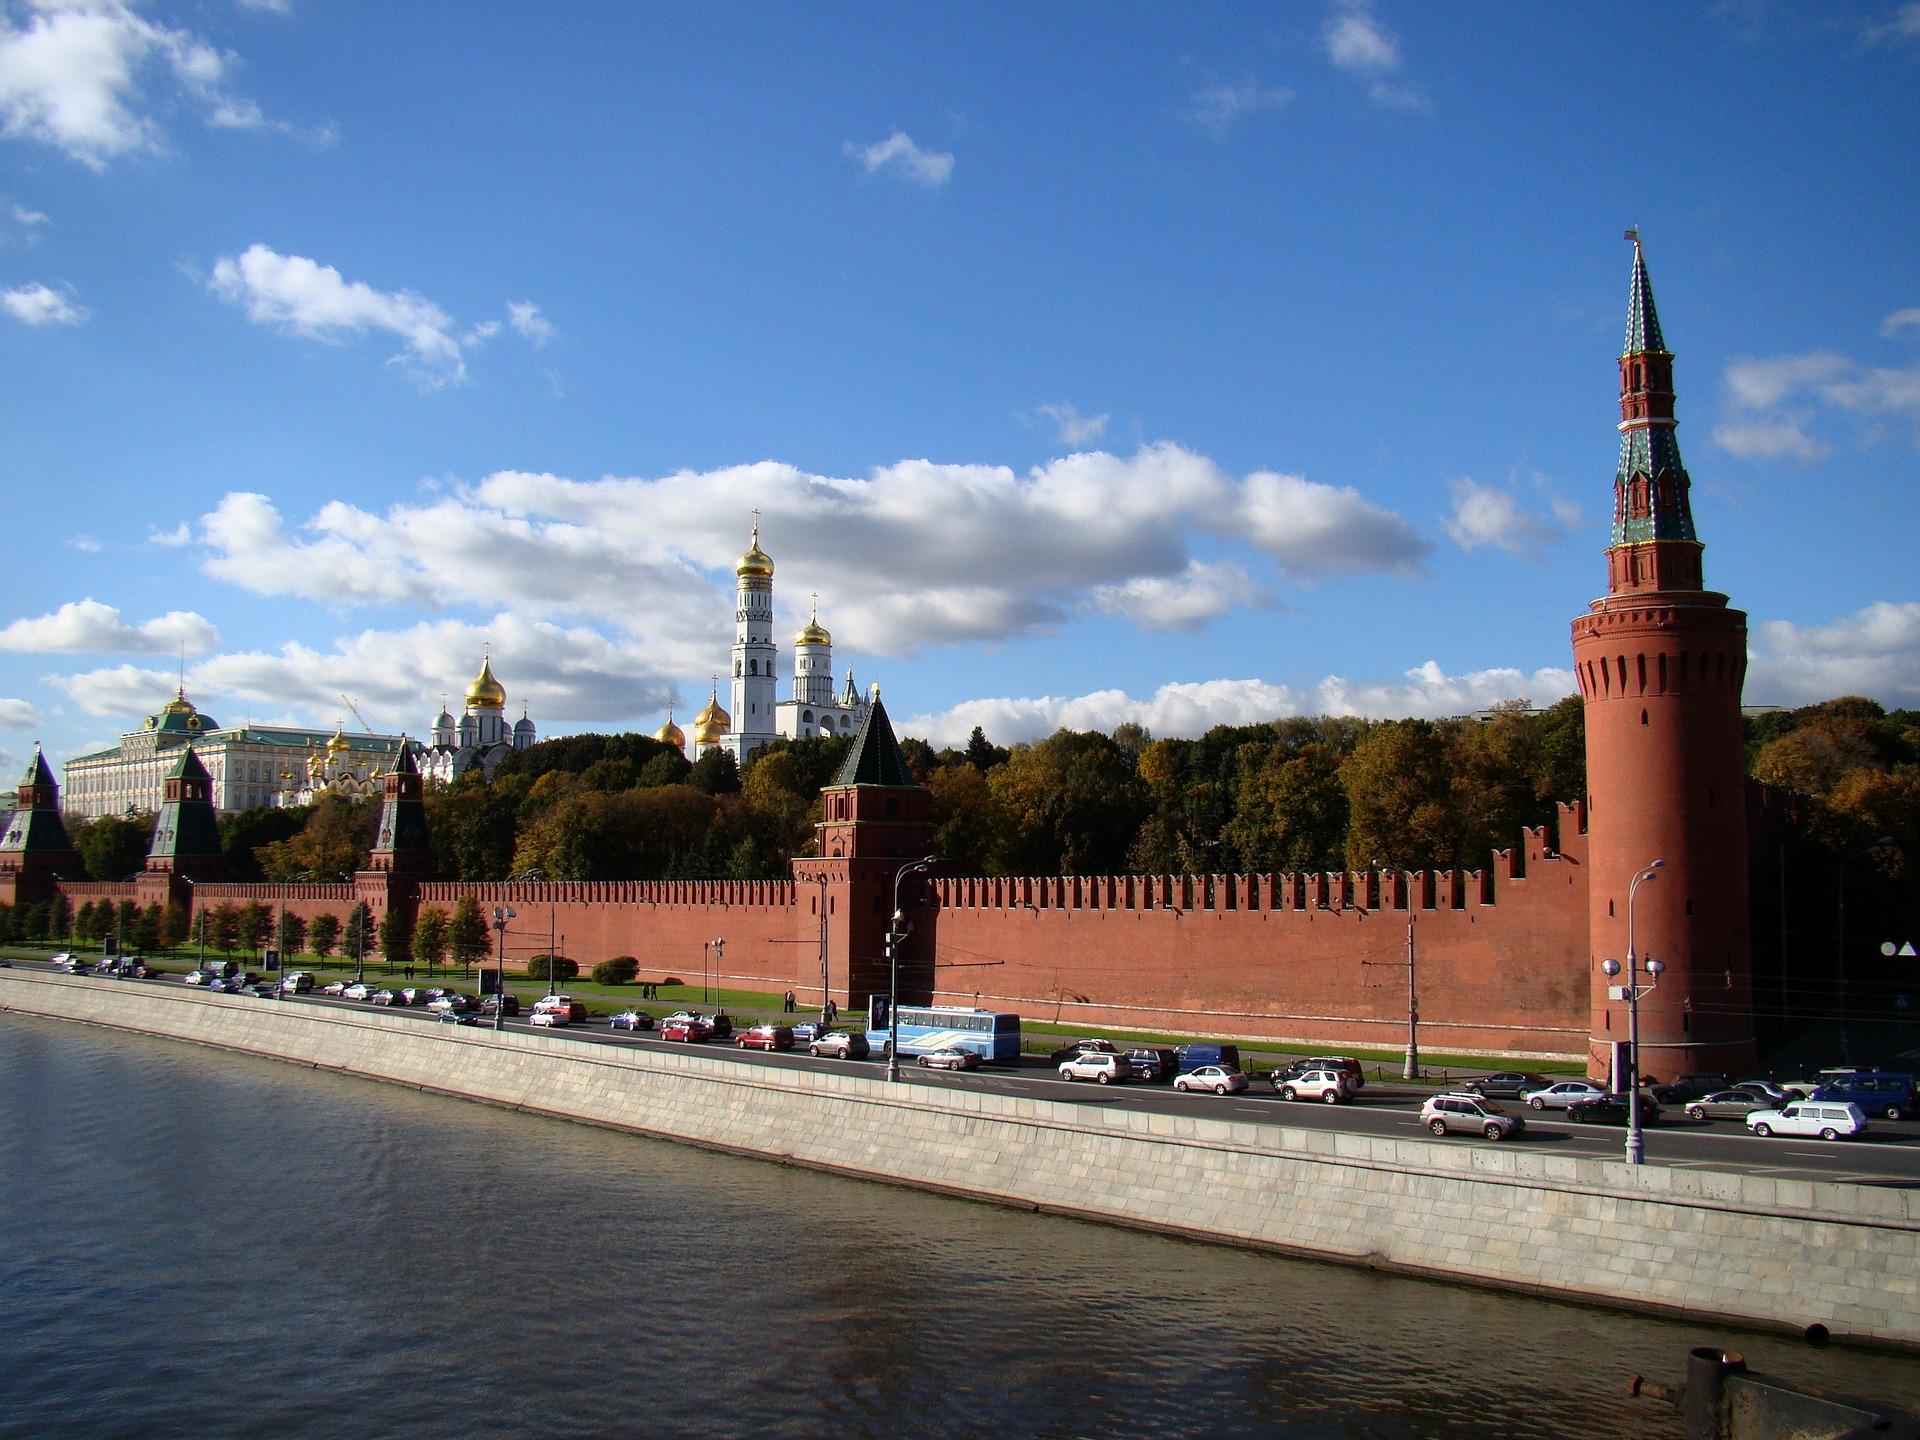 Россия пока не дала официального согласия на встречу Путина и Байдена